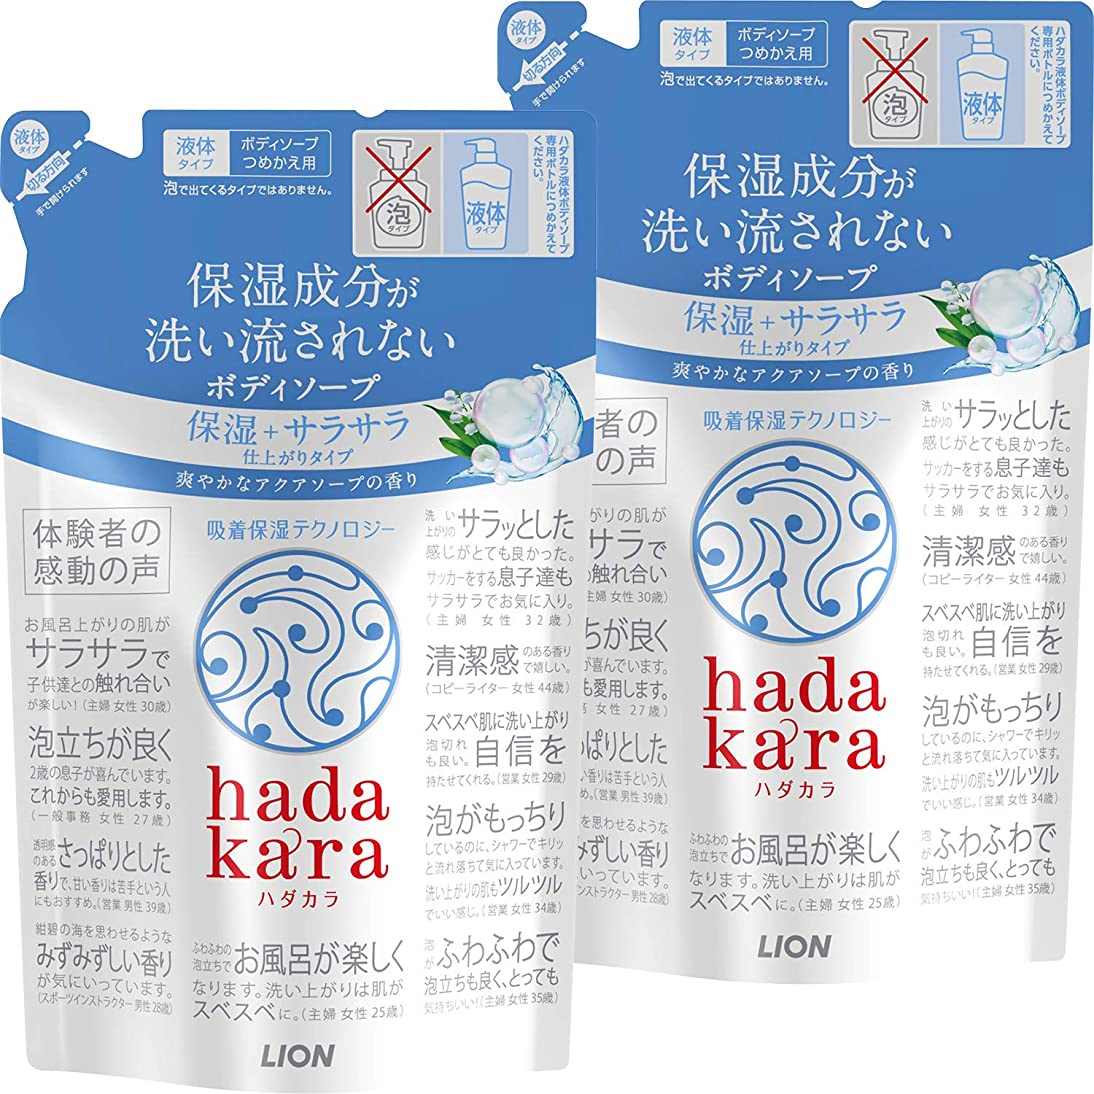 並外れてマットレスセンチメンタル【まとめ買い】hadakara(ハダカラ) ボディソープ 保湿+サラサラ仕上がりタイプ アクアソープの香り 詰め替え 340ml×2個パック